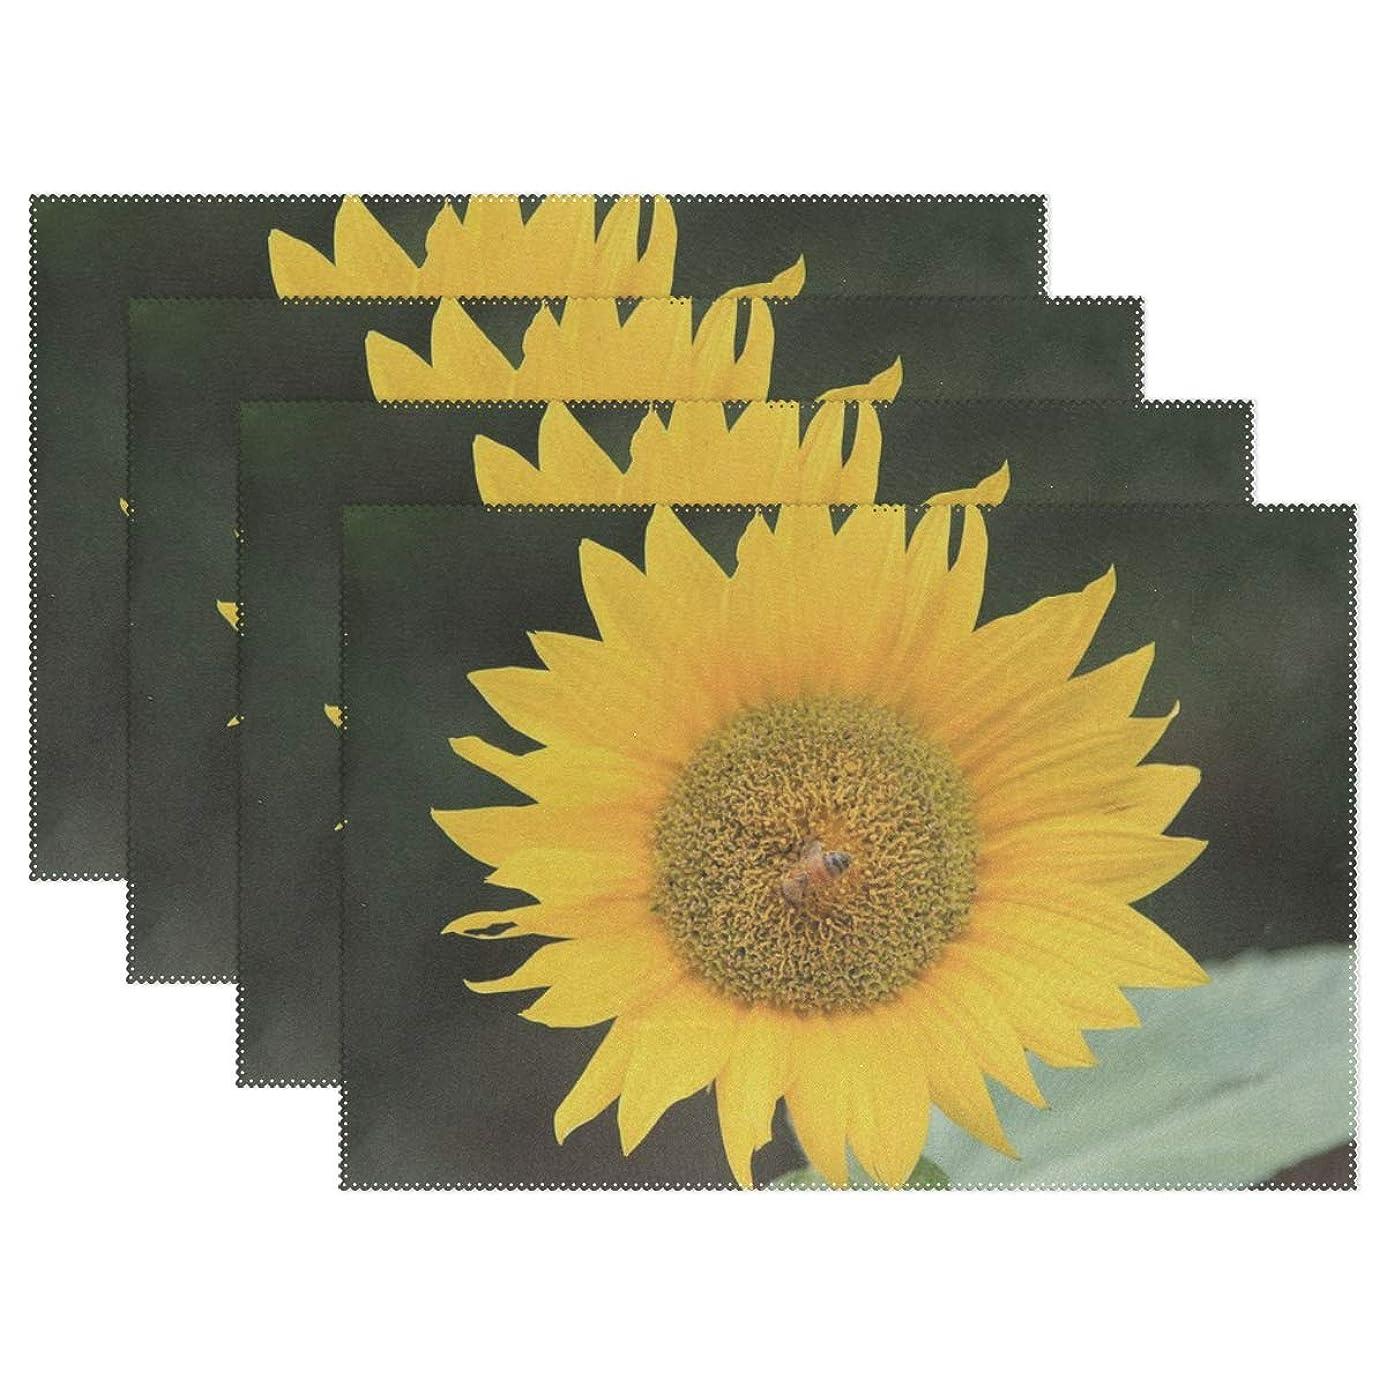 未満言い換えるとどこでもRhスタジオ場所マットひまわりの花黄色ブルームプレートパッドセットの4洗える耐熱汚れ耐性食べるテーブルマットホームディナー装飾